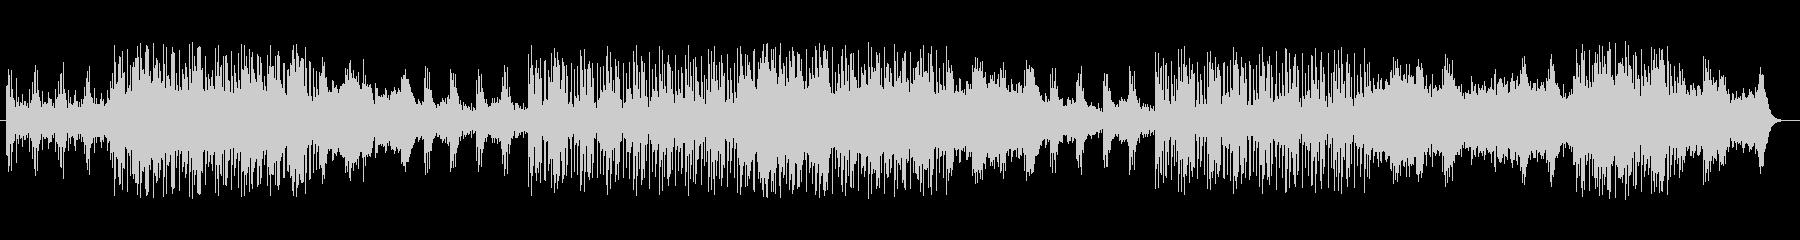 不思議な音階のアジアなシンセサイザーの曲の未再生の波形